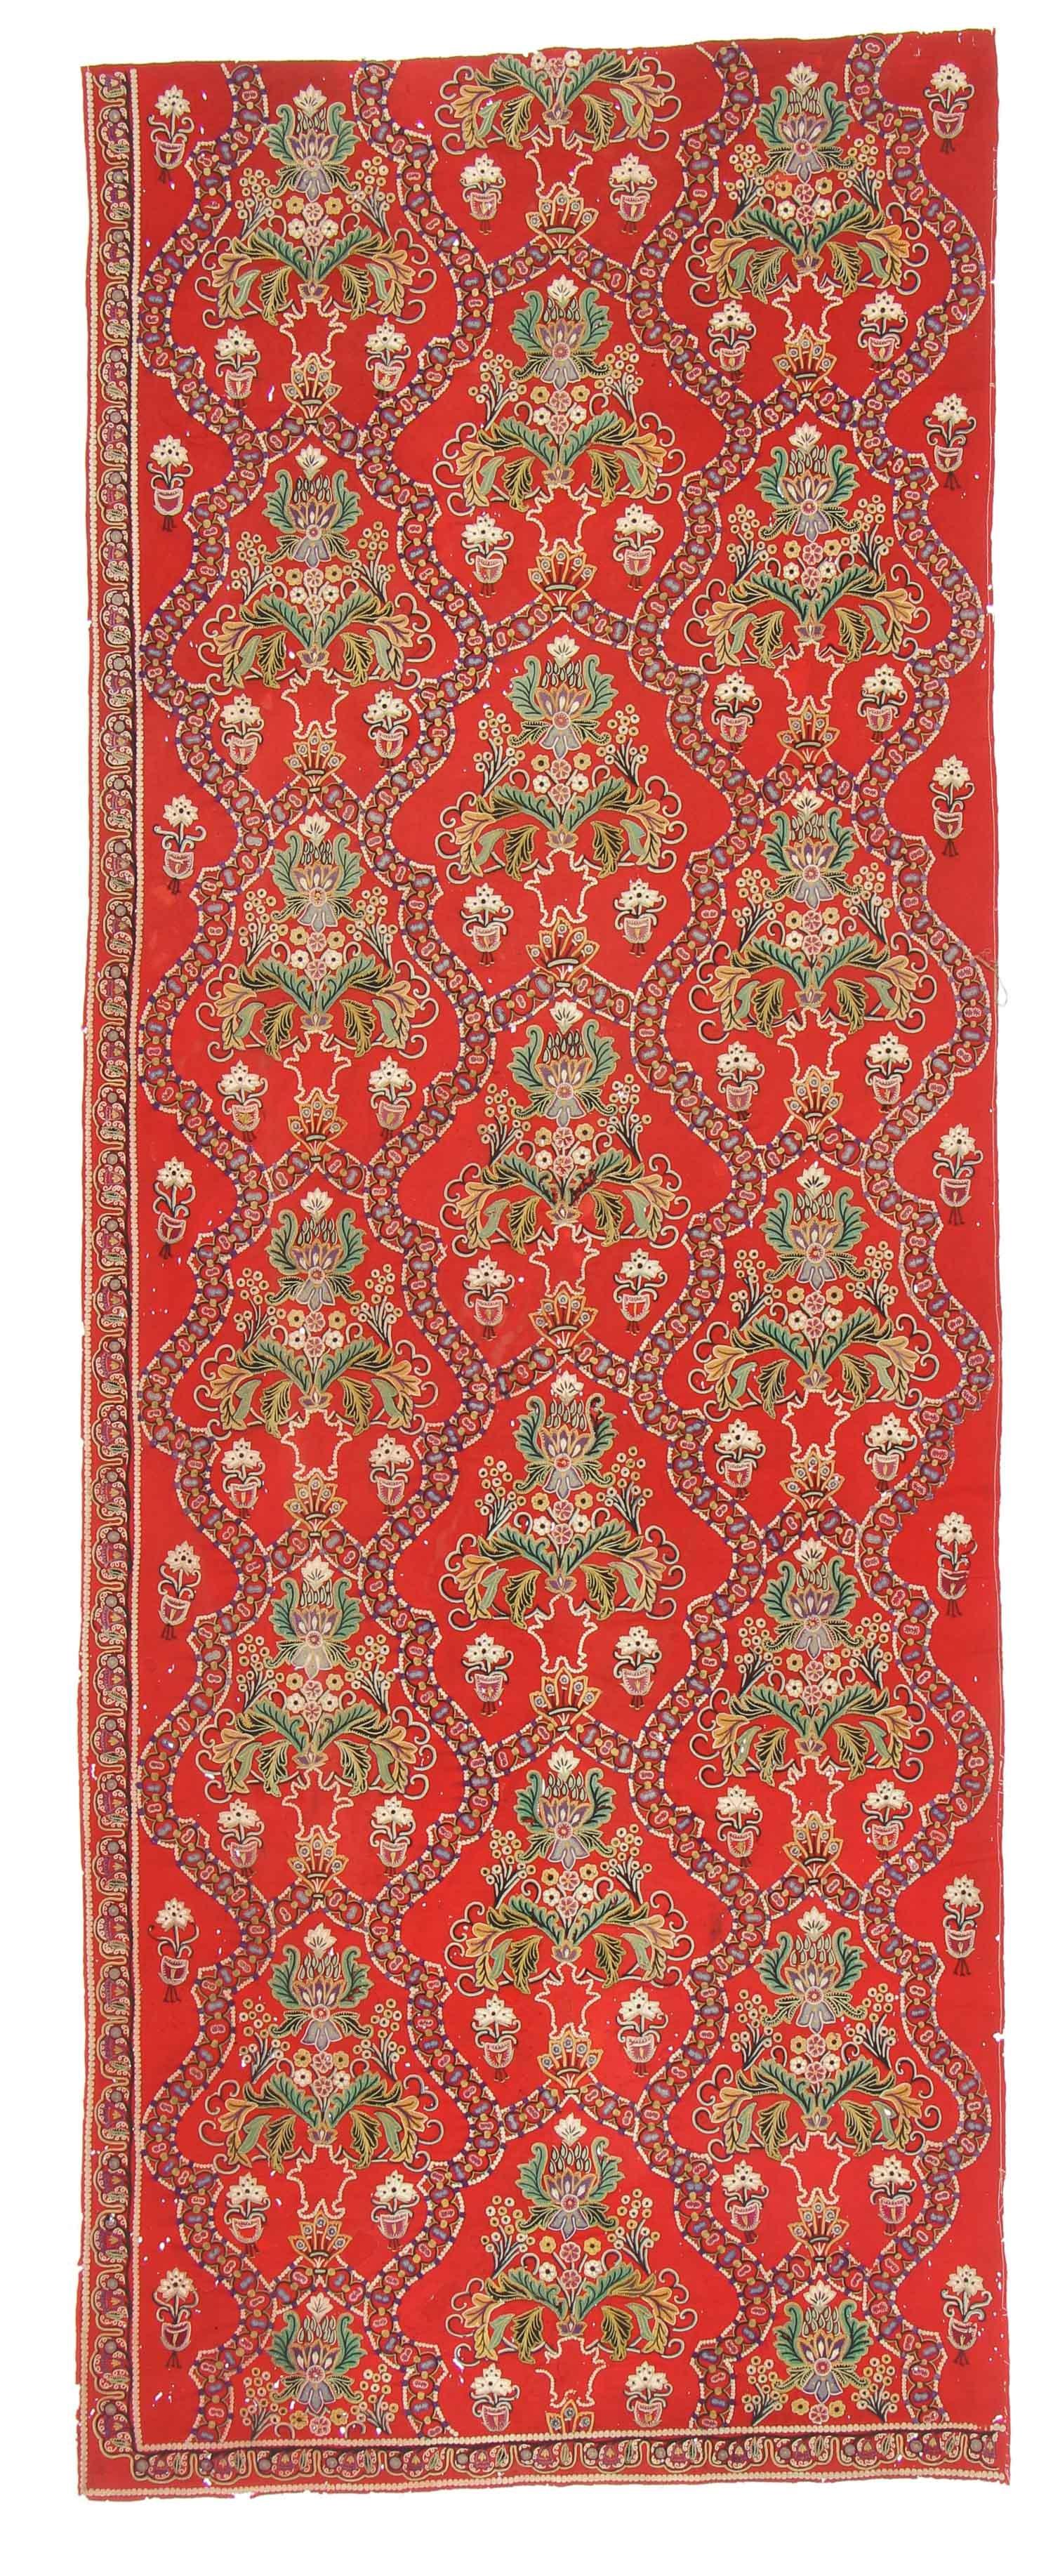 19th C Resht Embroidery, Persia